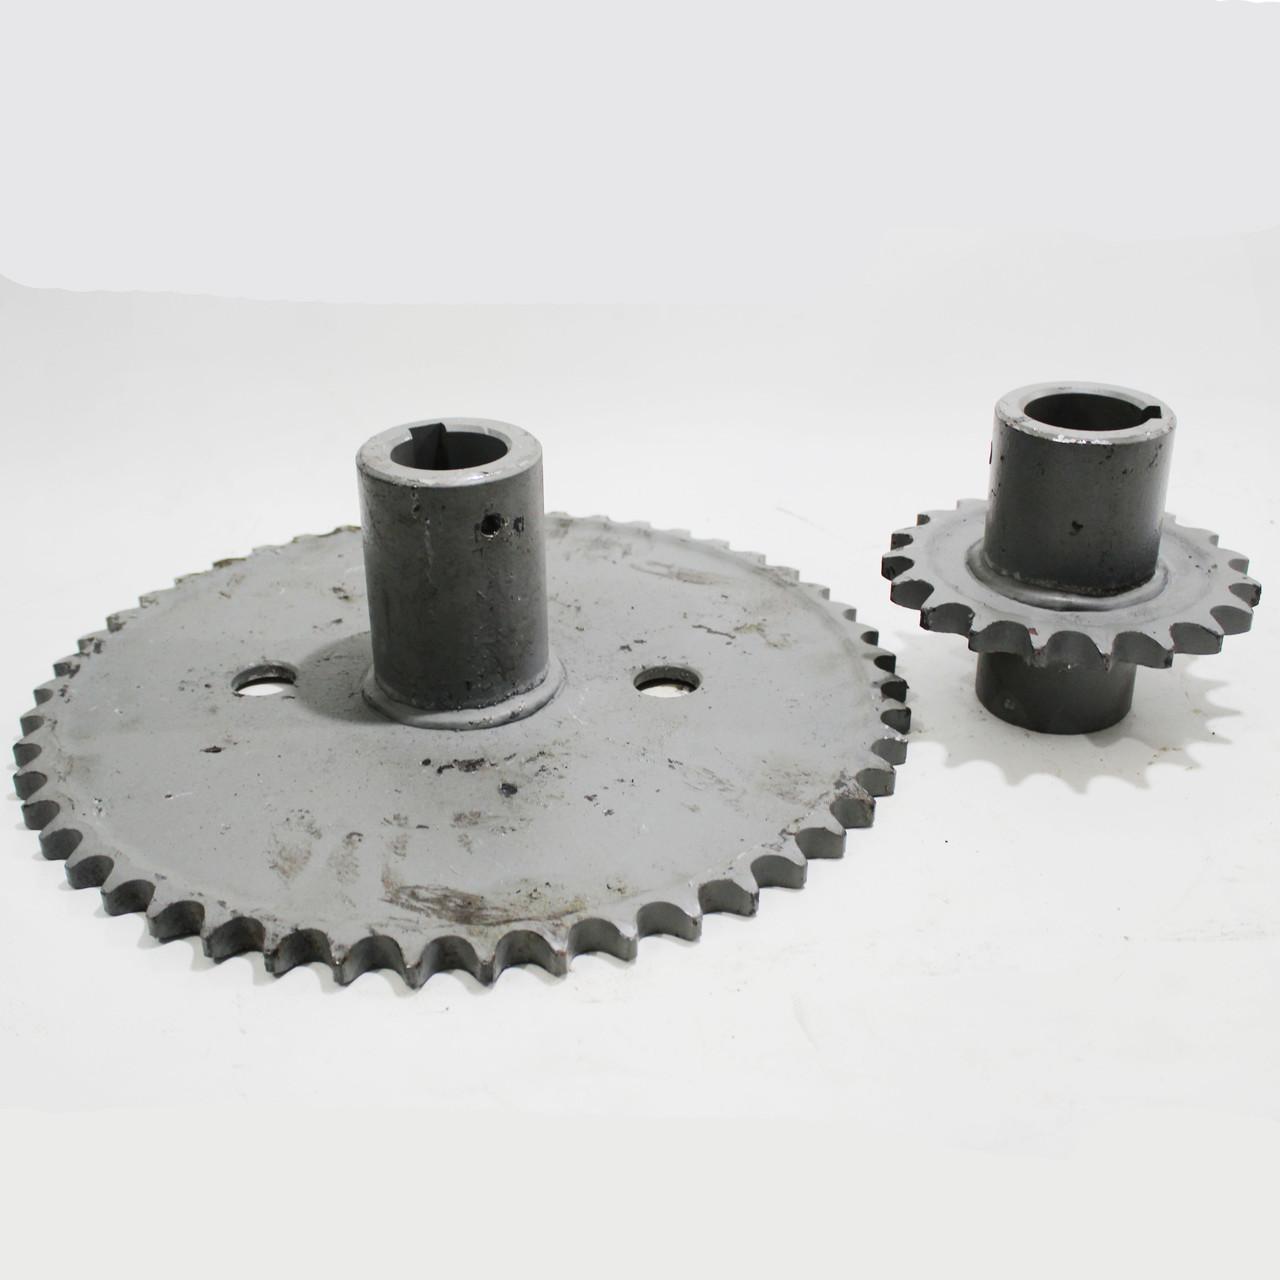 Комплект звездочек для уменьшения оборотов барабана  Z-49 и Z-19 54-151В-01 Нива СК-5